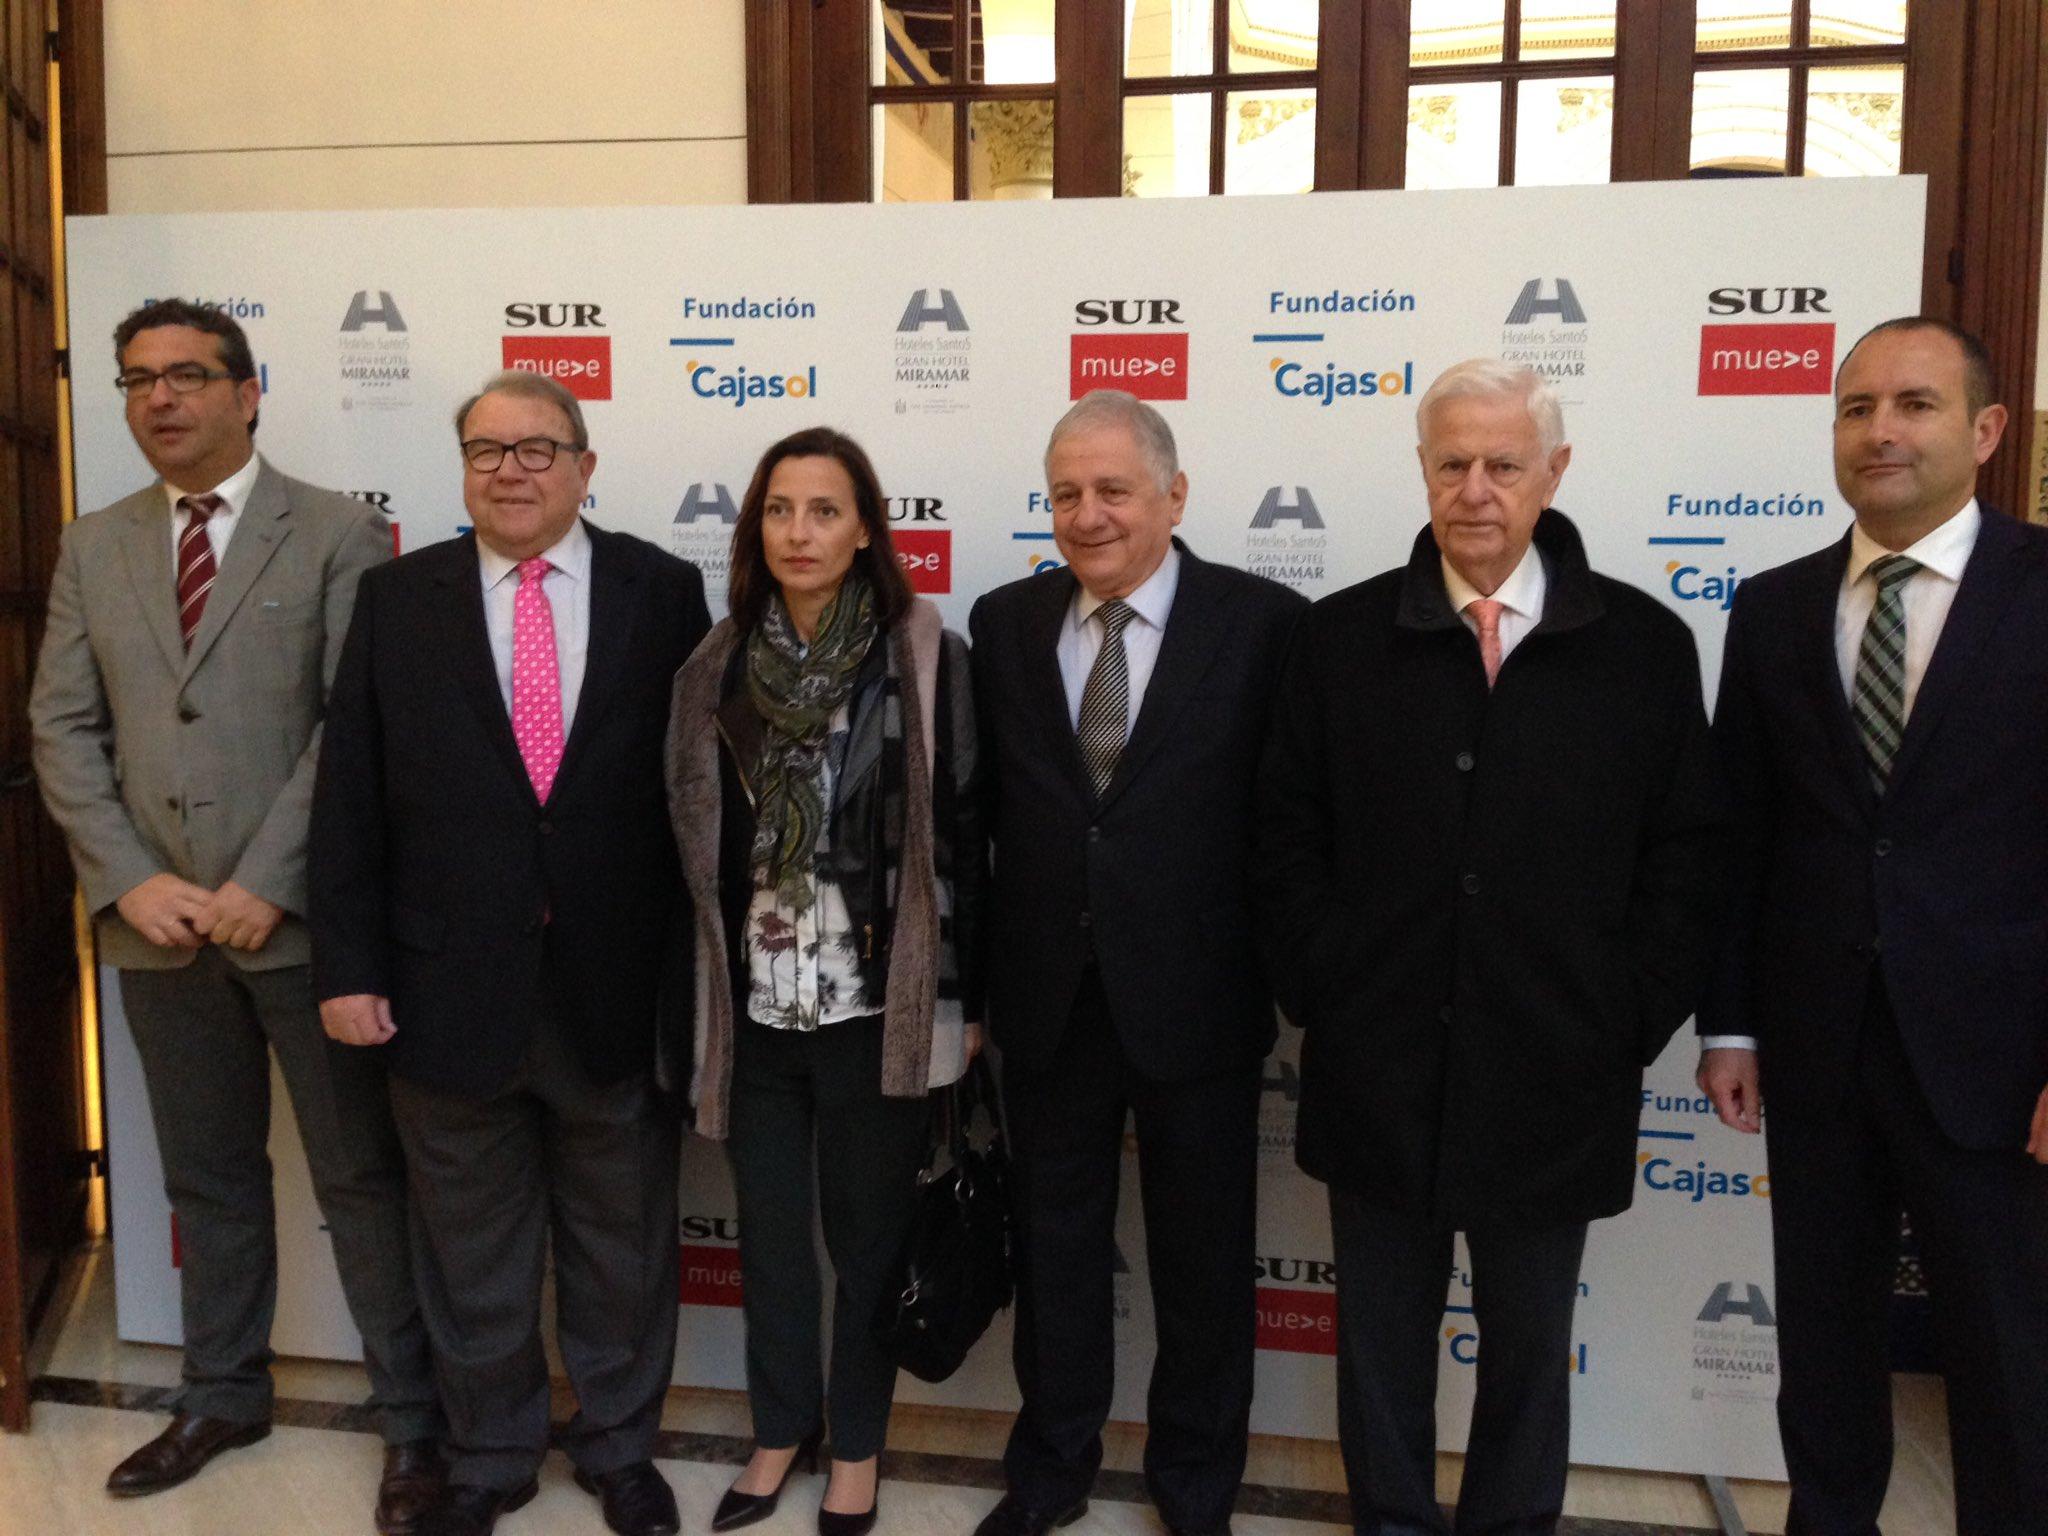 Diferentes autoridades en el encuentro 'Málaga, ante un nuevo futuro'